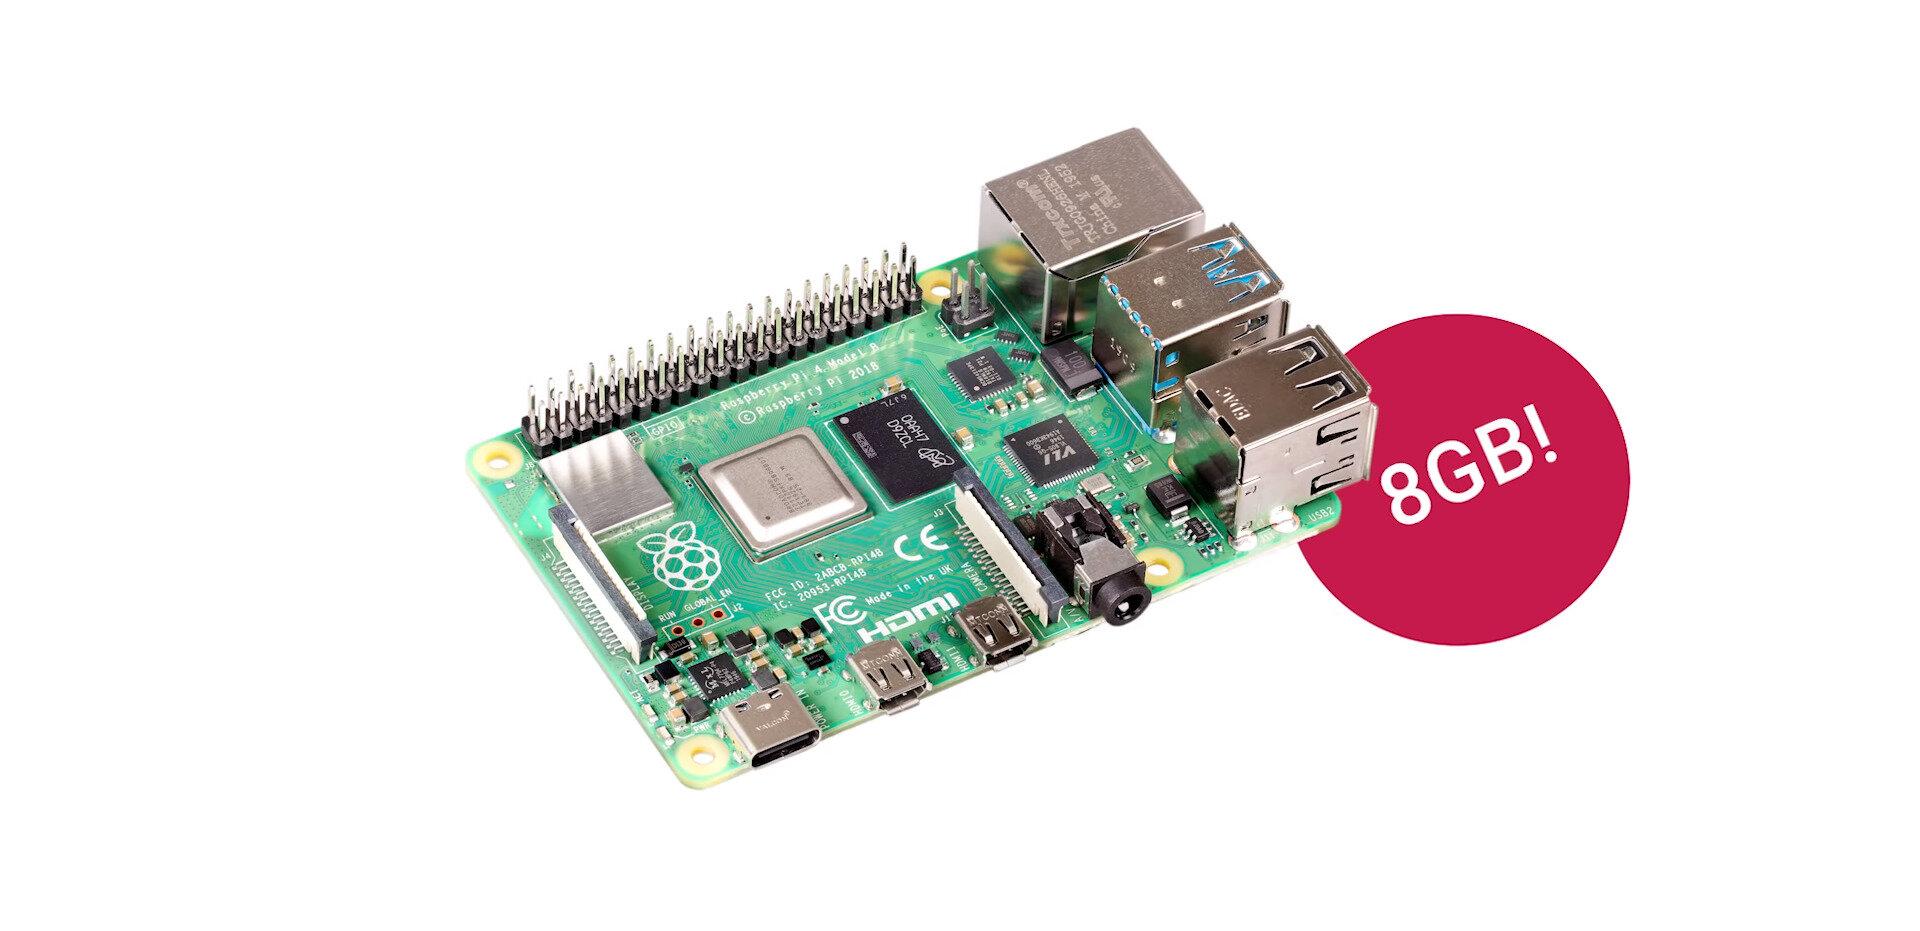 Le Raspberry Pi 4 de 8 Go est disponible, Raspbian devient Raspberry Pi OS, le 64 bits en bêta